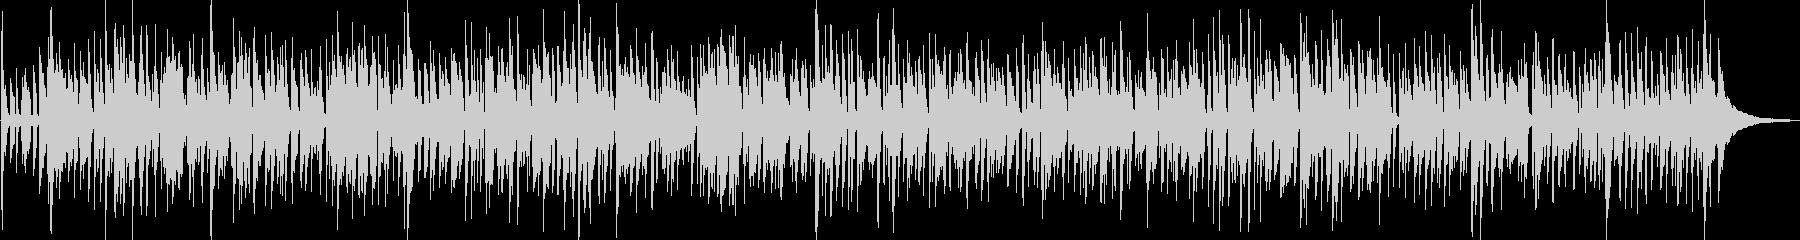 軽快なアコースティックギターのボサノバの未再生の波形